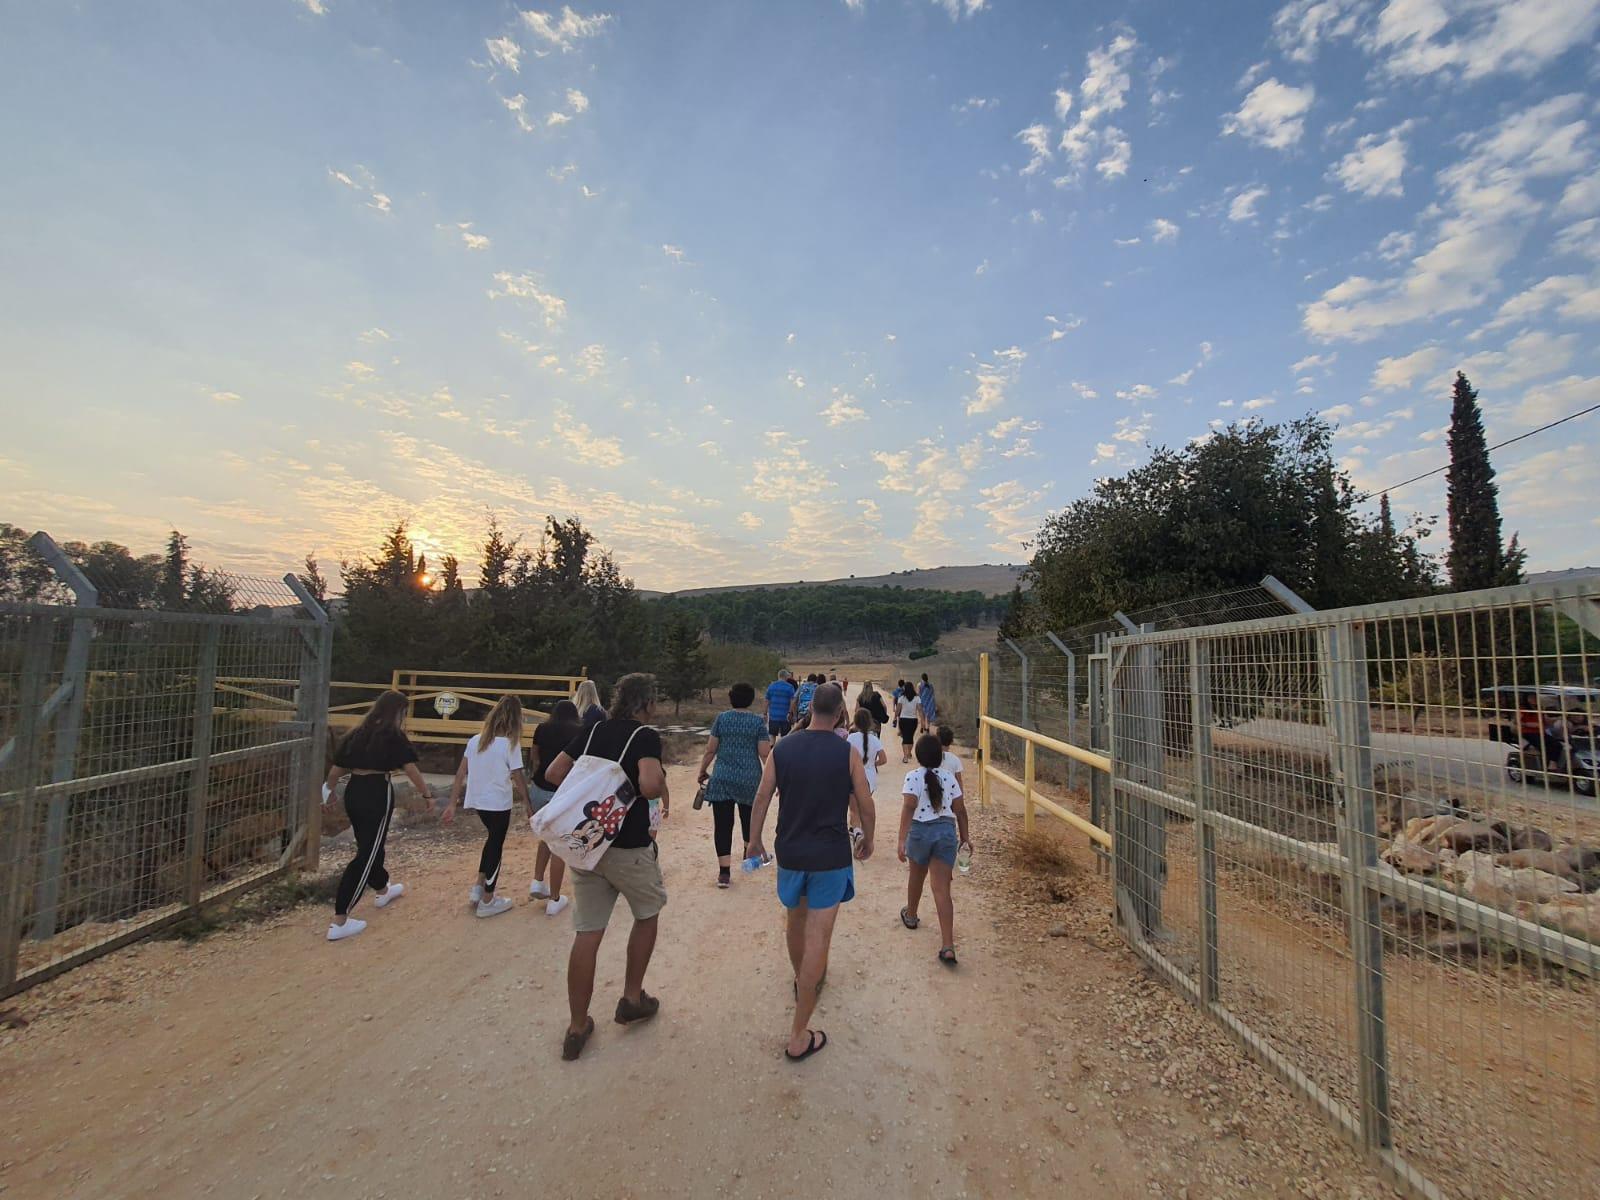 29 מיישובי מועצה אזורית הגליל העליון ביום הליכה במסגרת תכנית אפשרי בריא